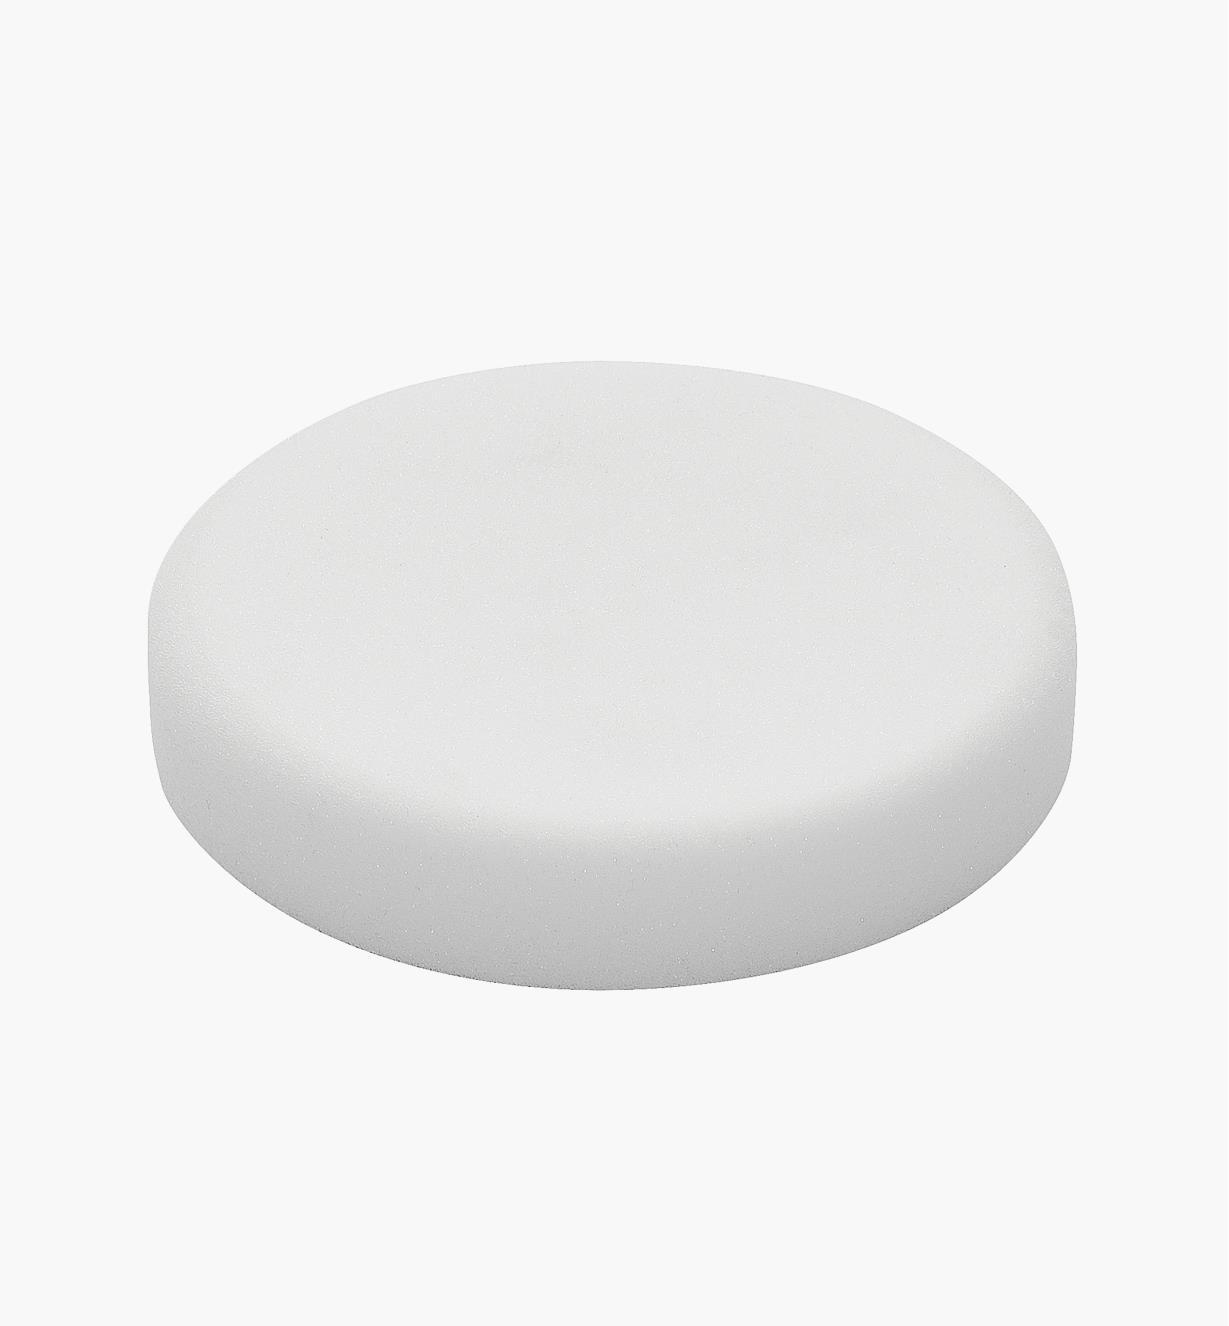 White 150mm Polishing Sponge